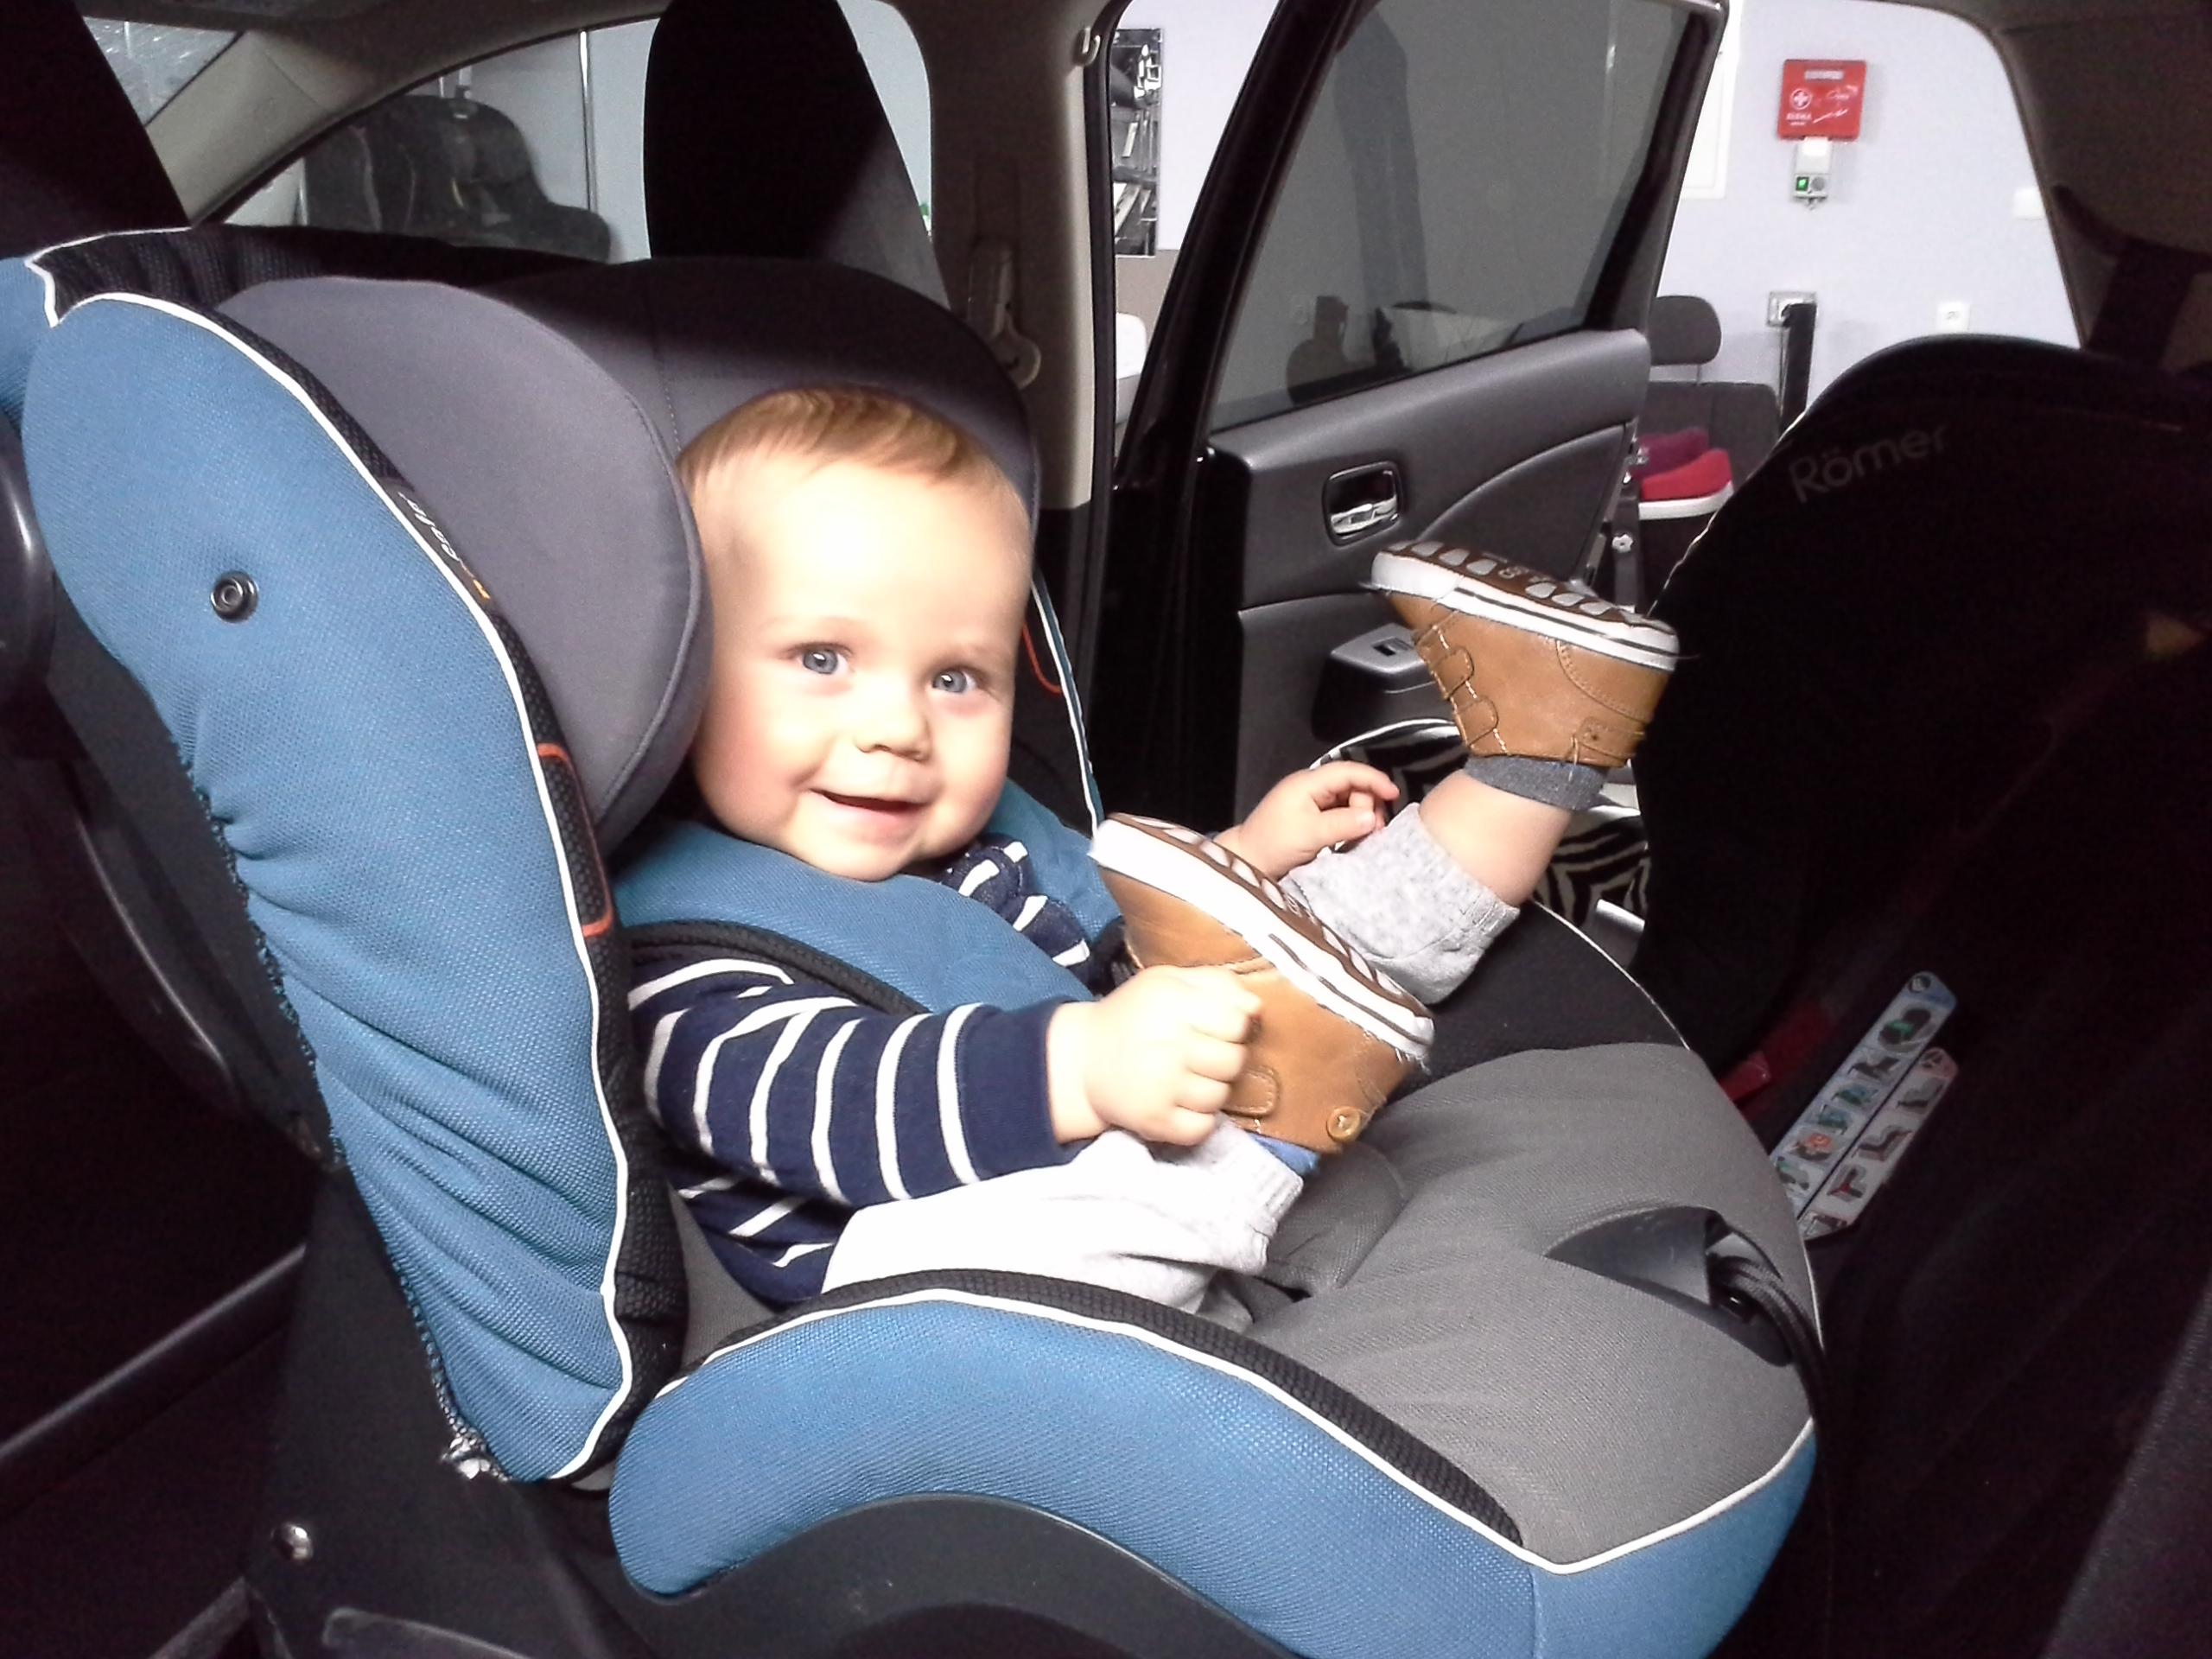 Tyłem bezpieczniej: BeSafe iZi Kid i-Size